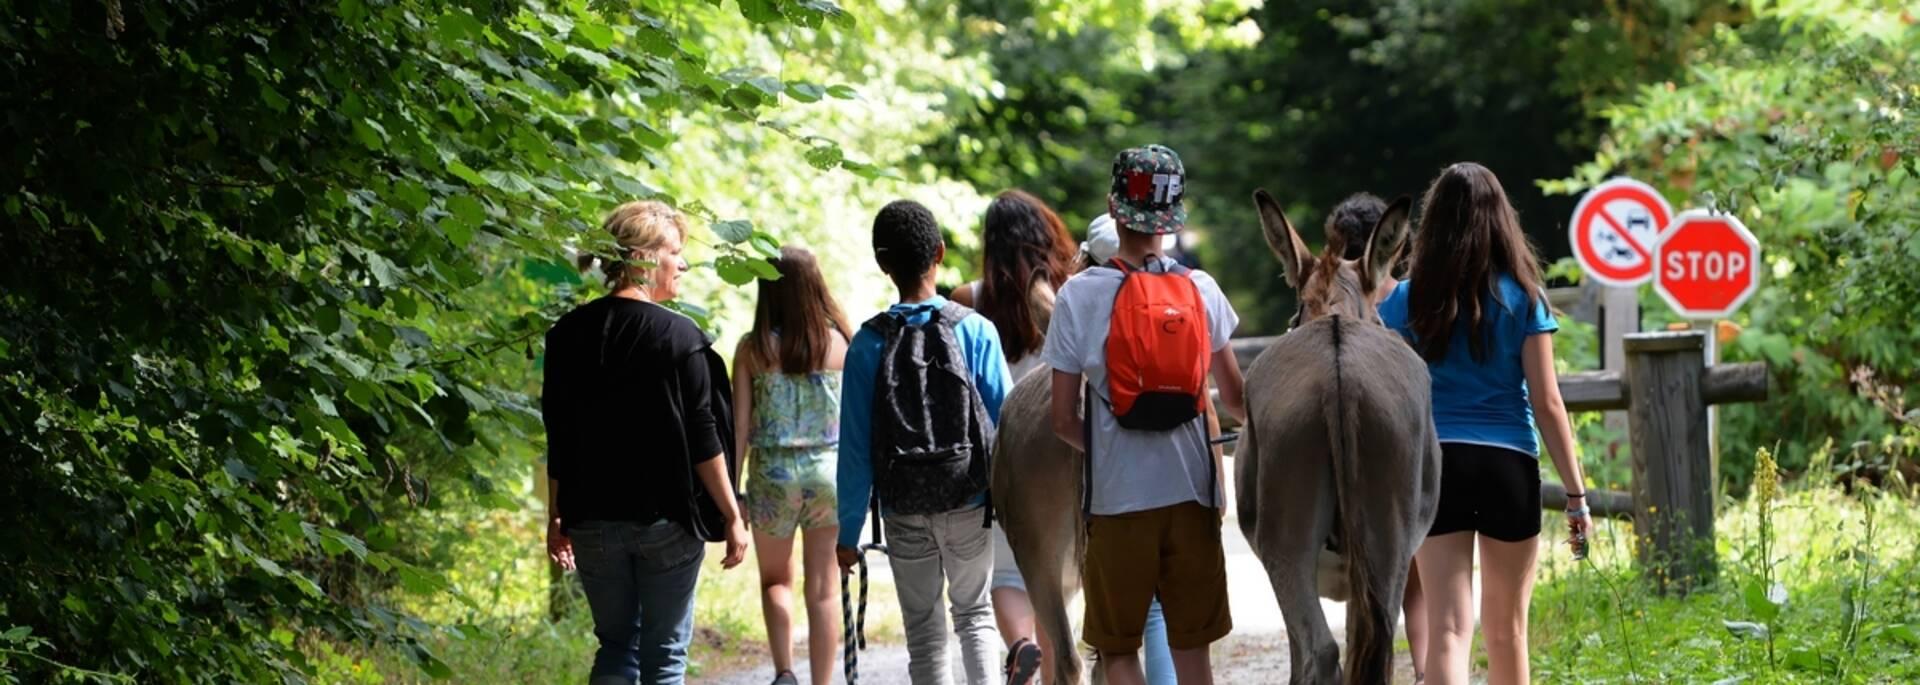 Enfants en randonnée sur la voie verte @PWall/CD79